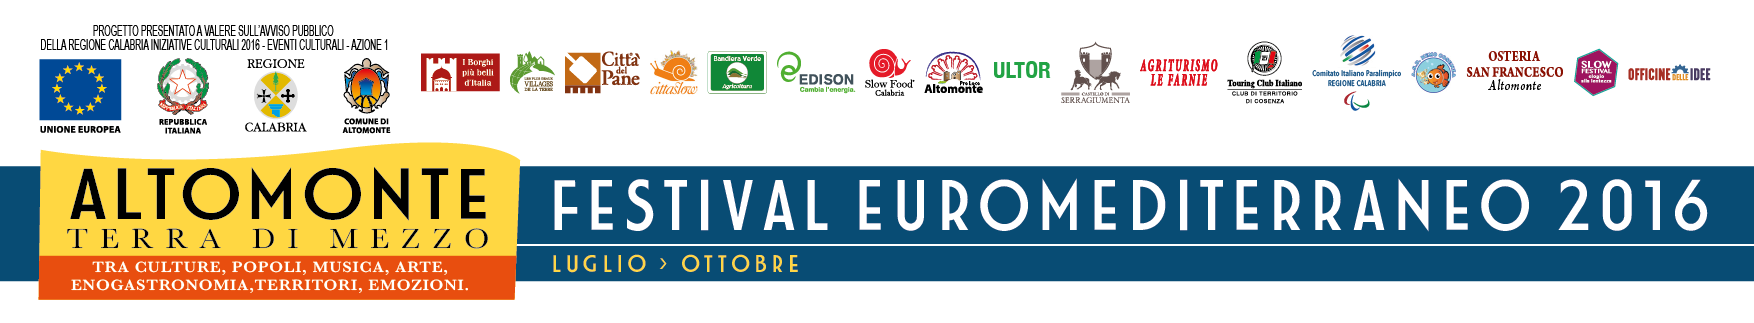 Altomonte Festival 2016